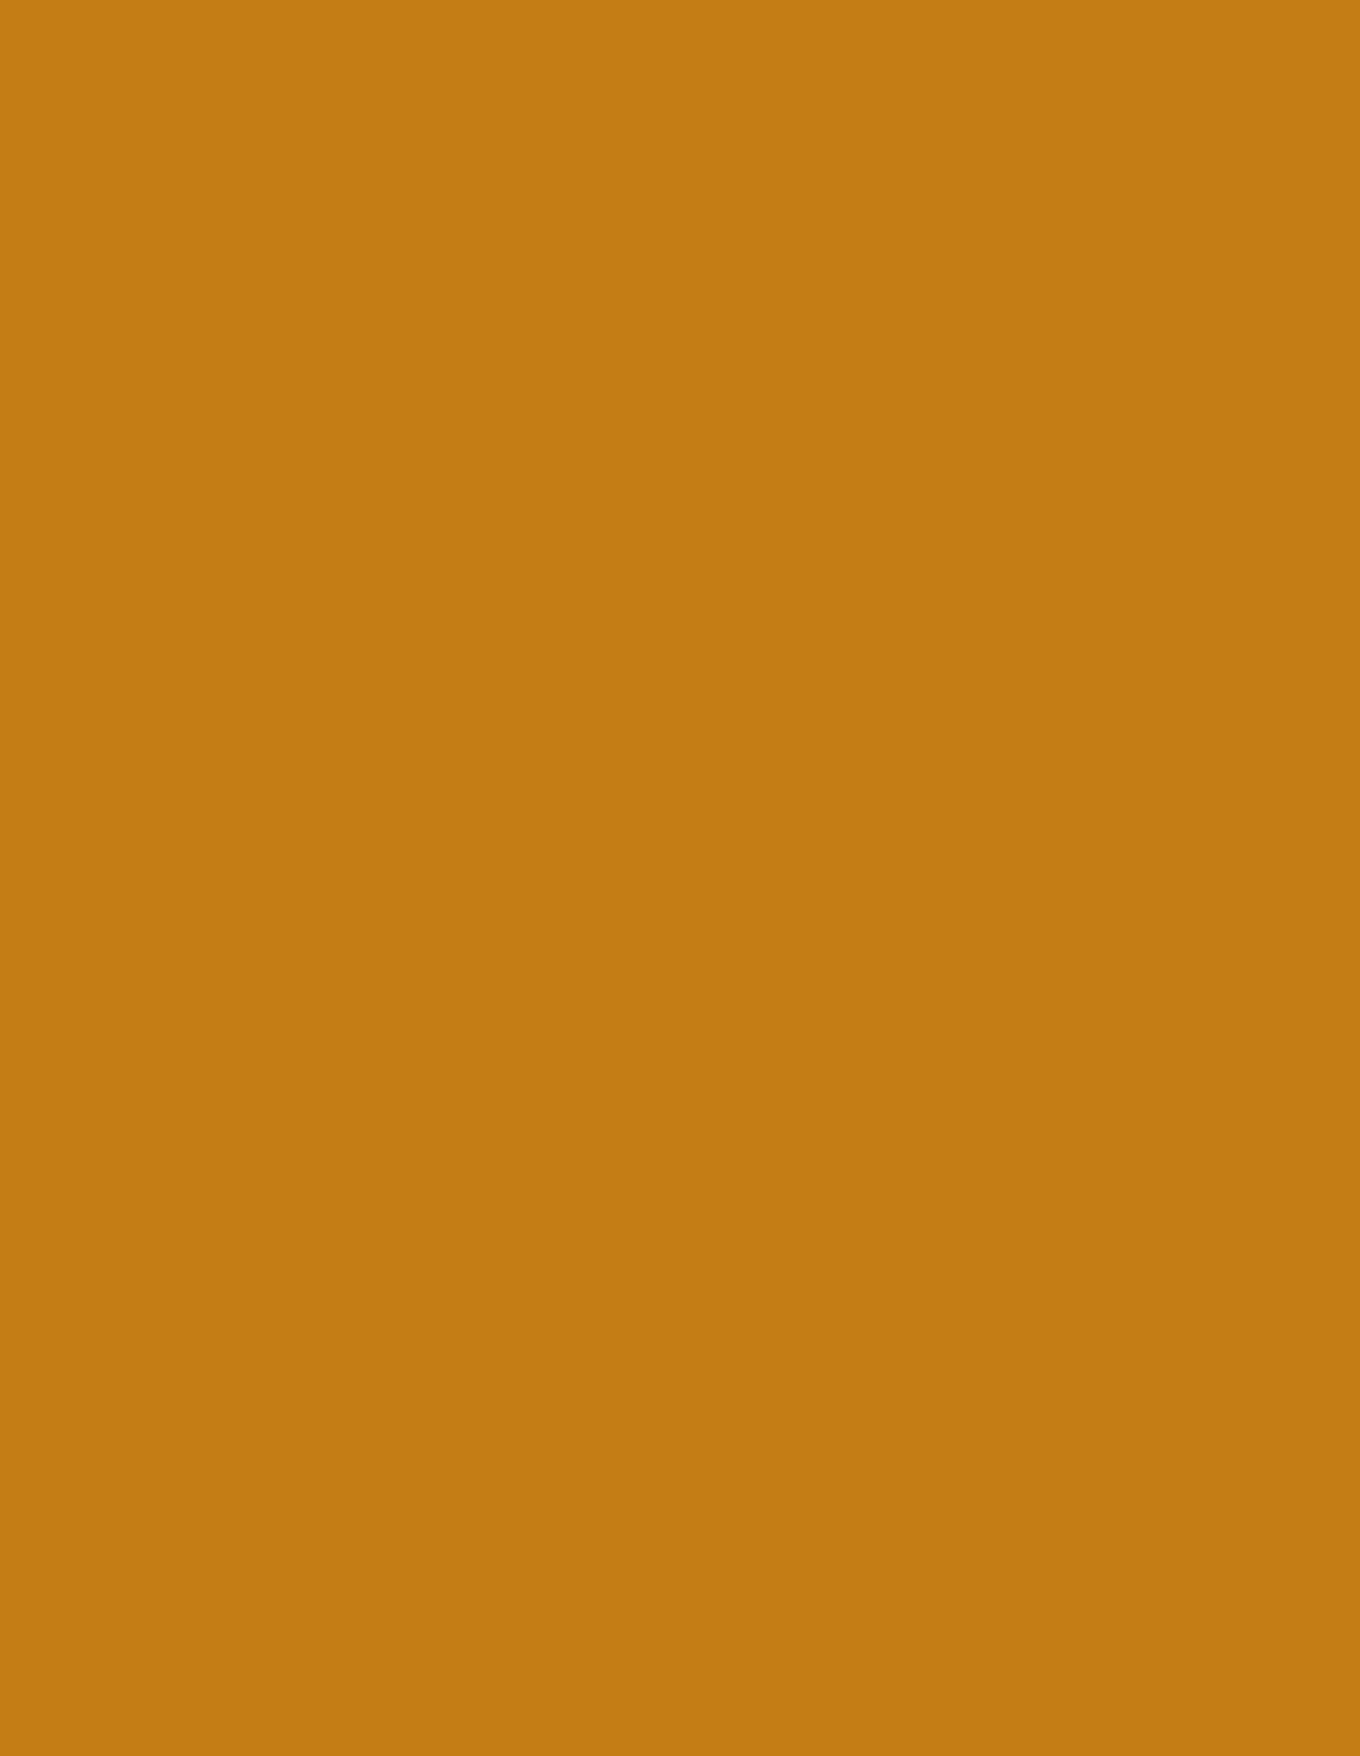 4b007455316c Calaméo - Ajman encyclopedia - English